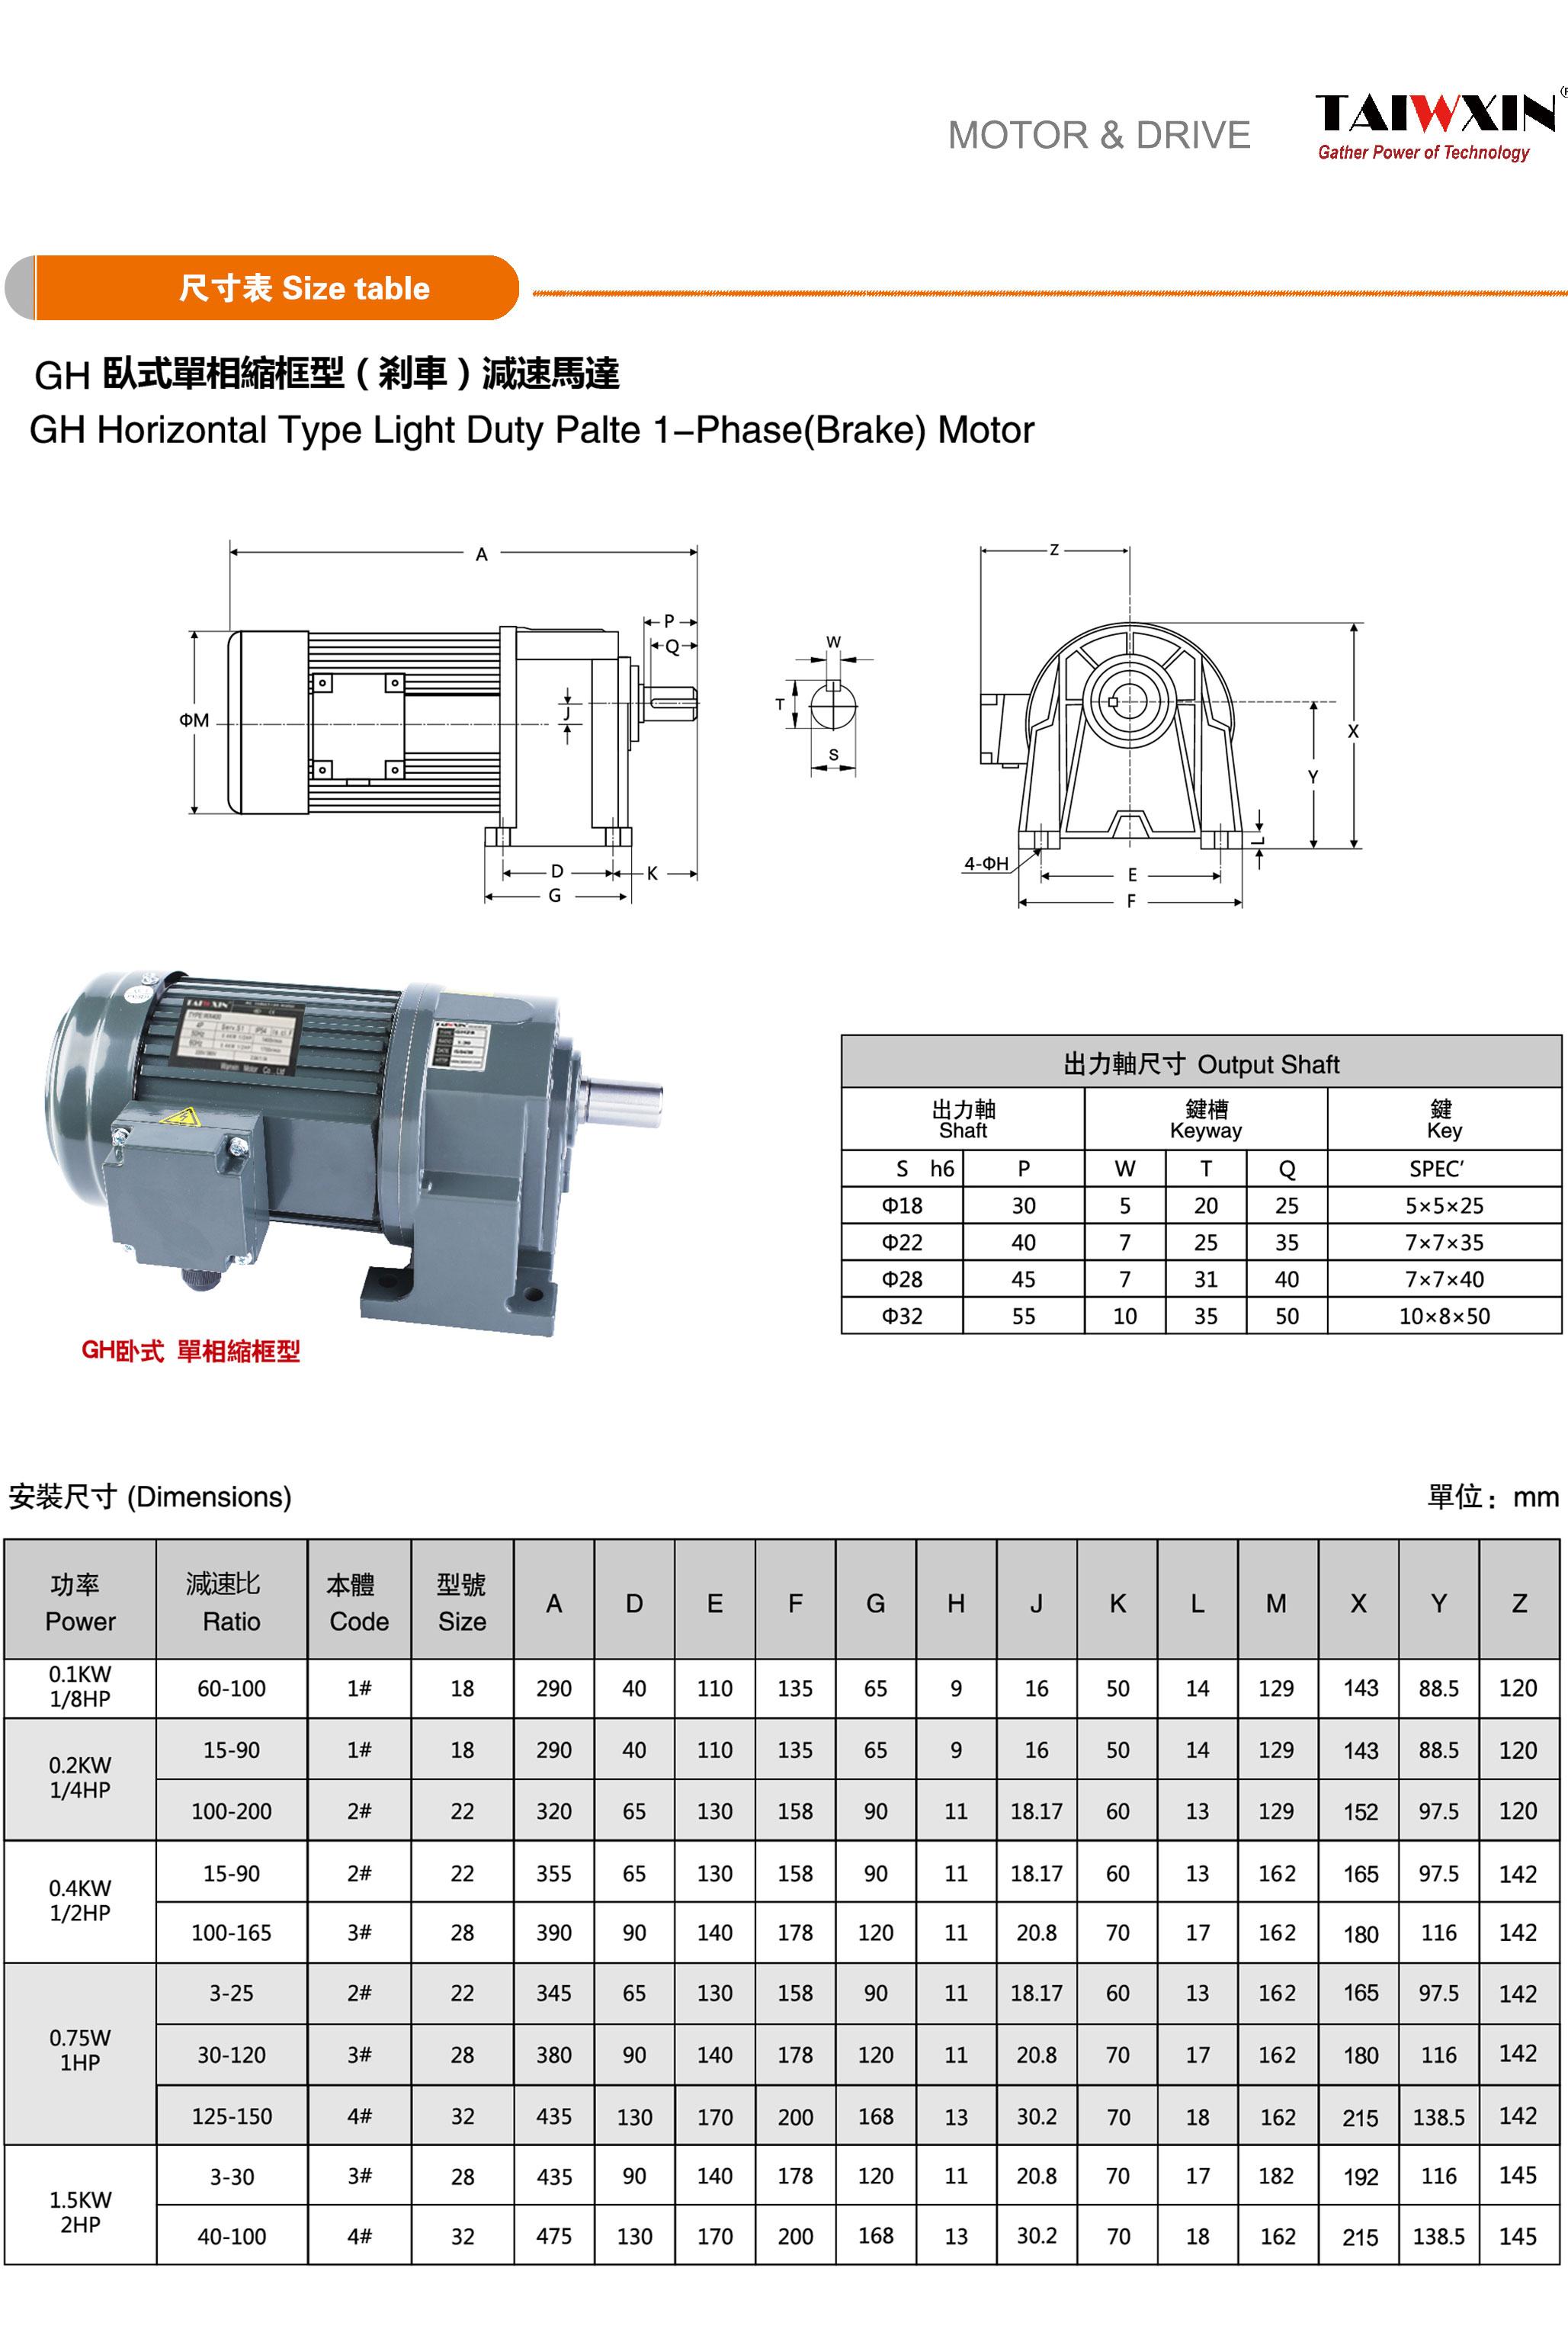 11-GH卧式单相缩框型-刹车减速马达-x